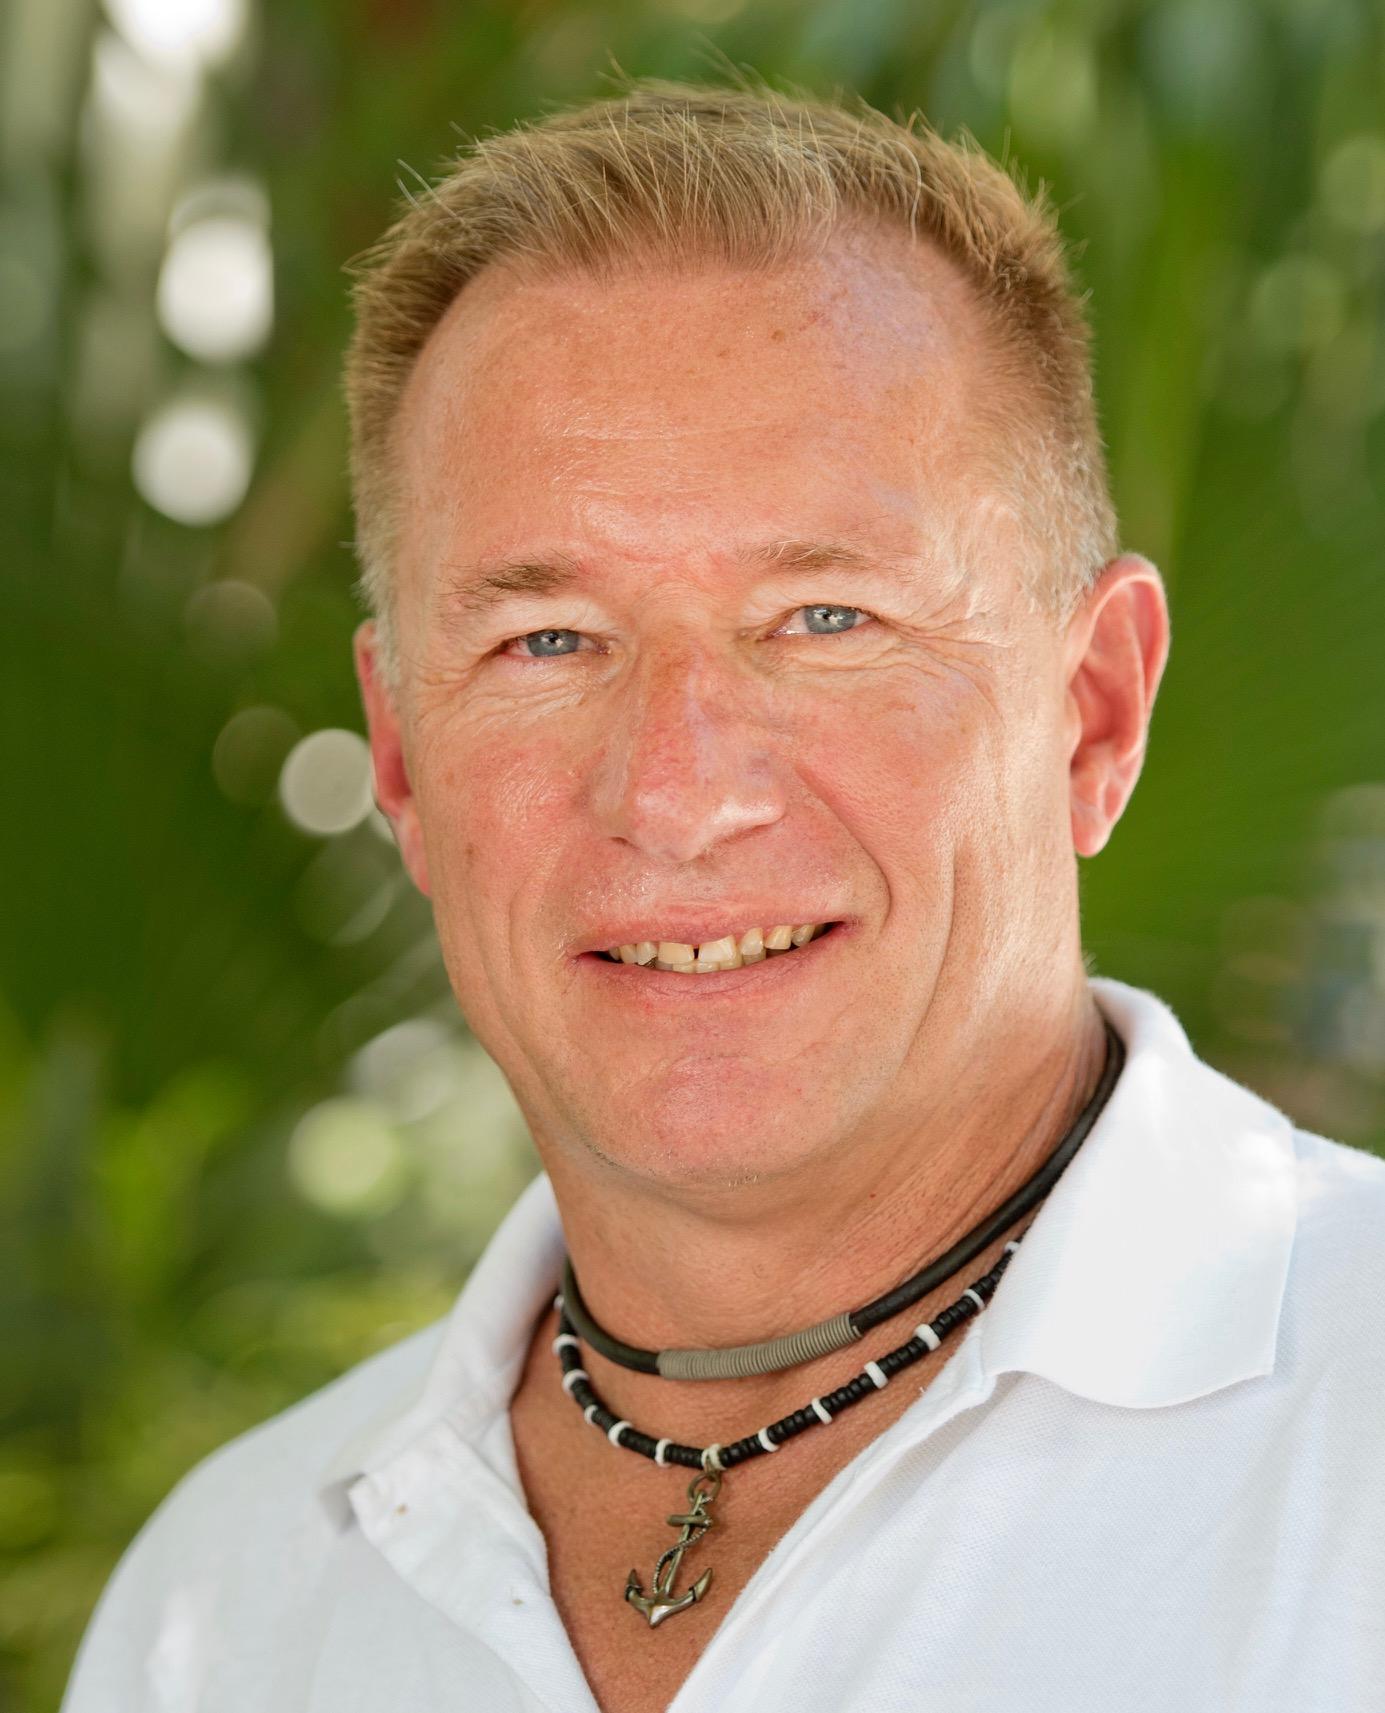 Ed Heller